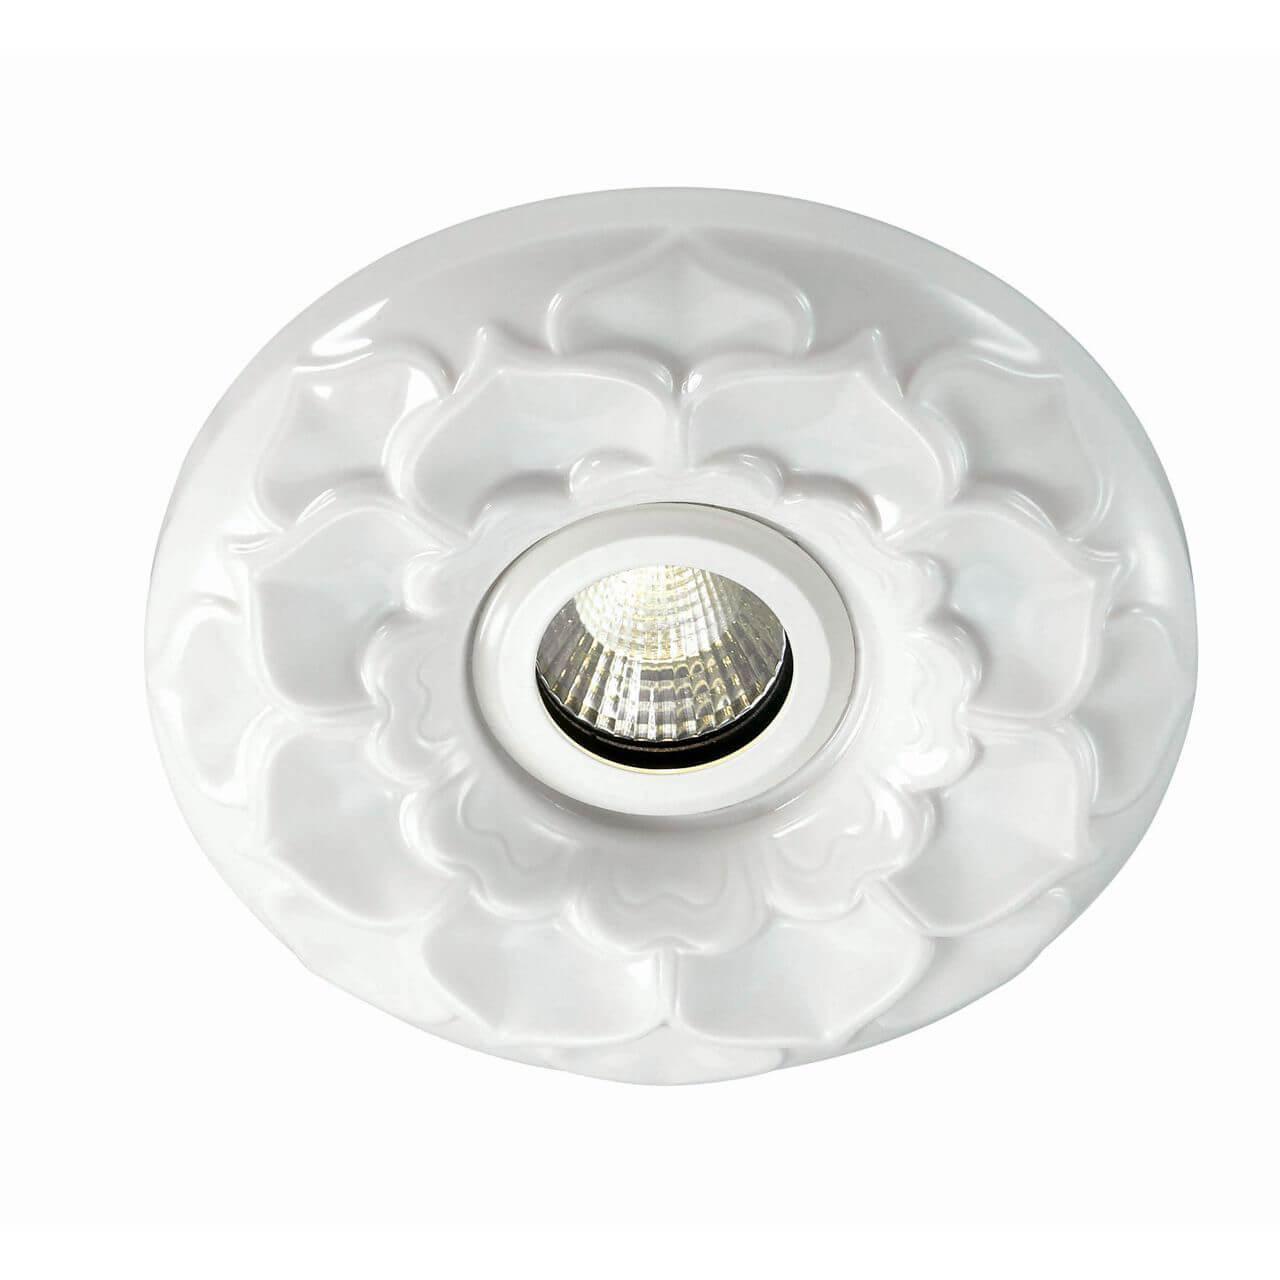 Встраиваемый светильник Novotech 357349, LED, 5 Вт